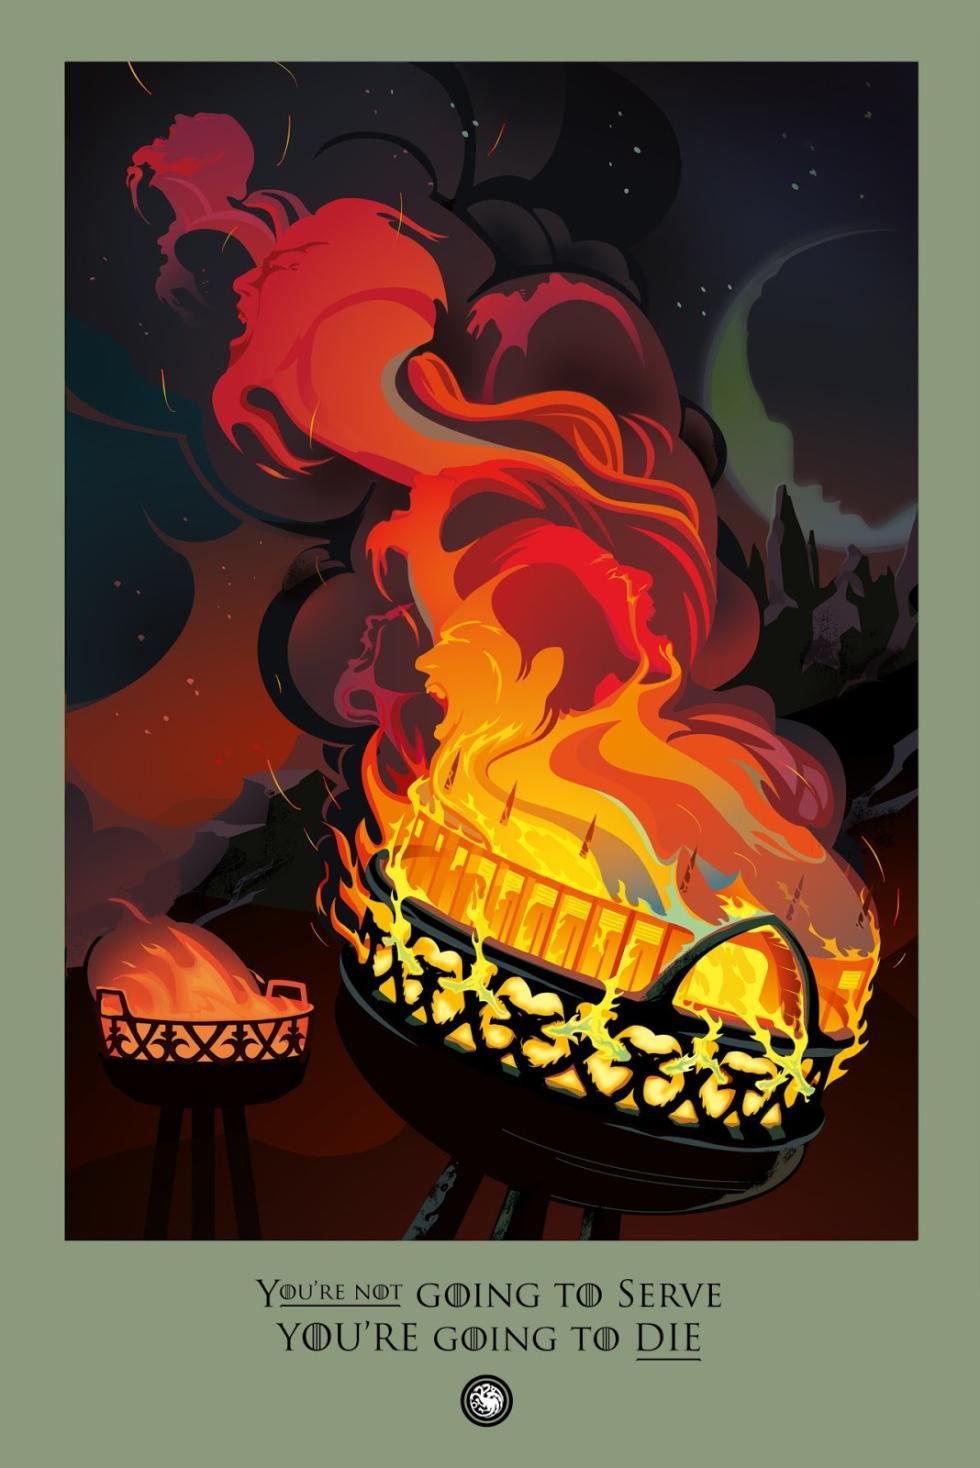 Robert ball ilustraciones Juego de tronos